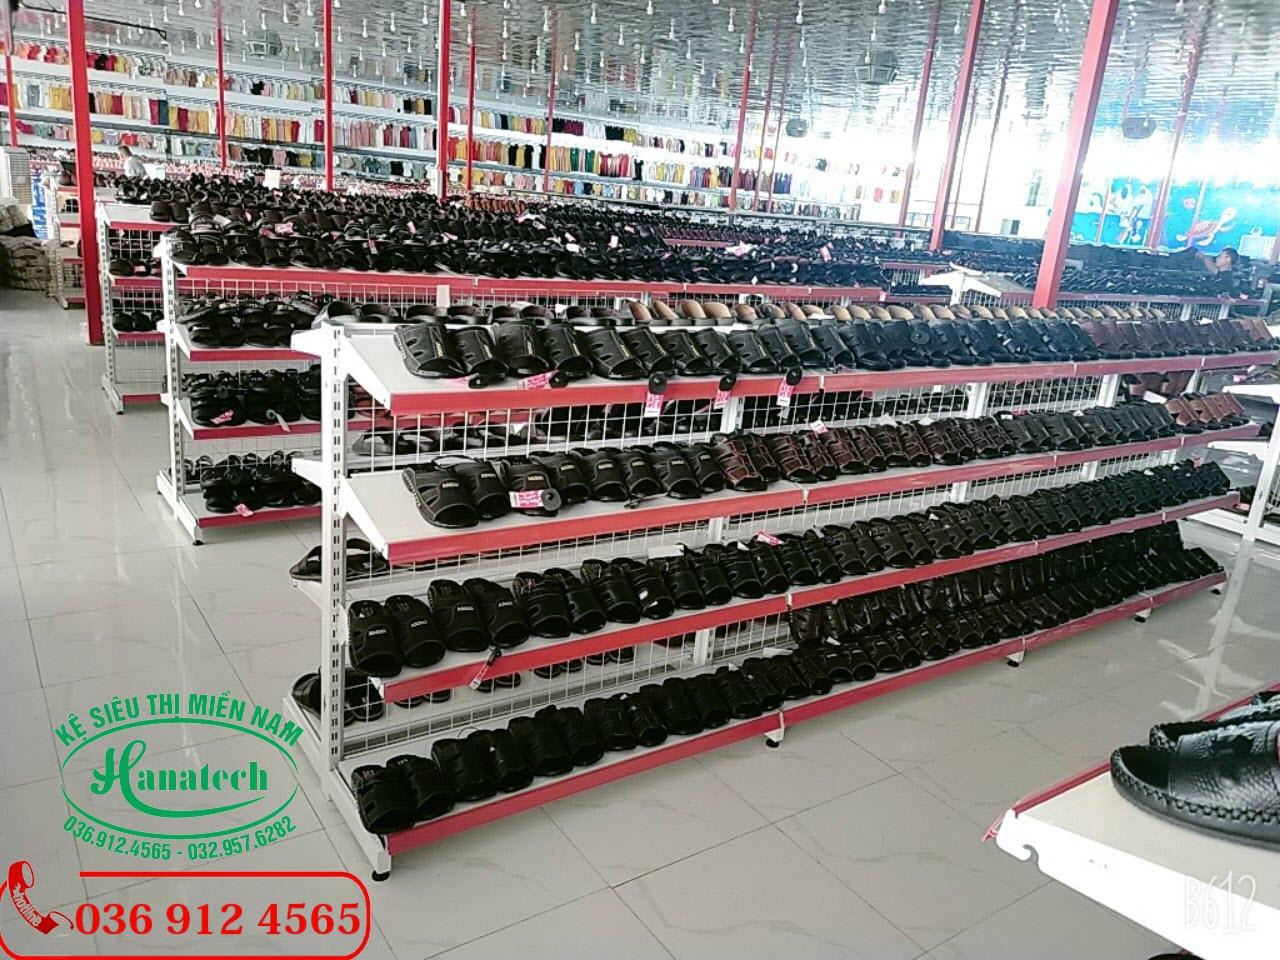 Giá kệ trưng bày giày dép tại Tây Ninh